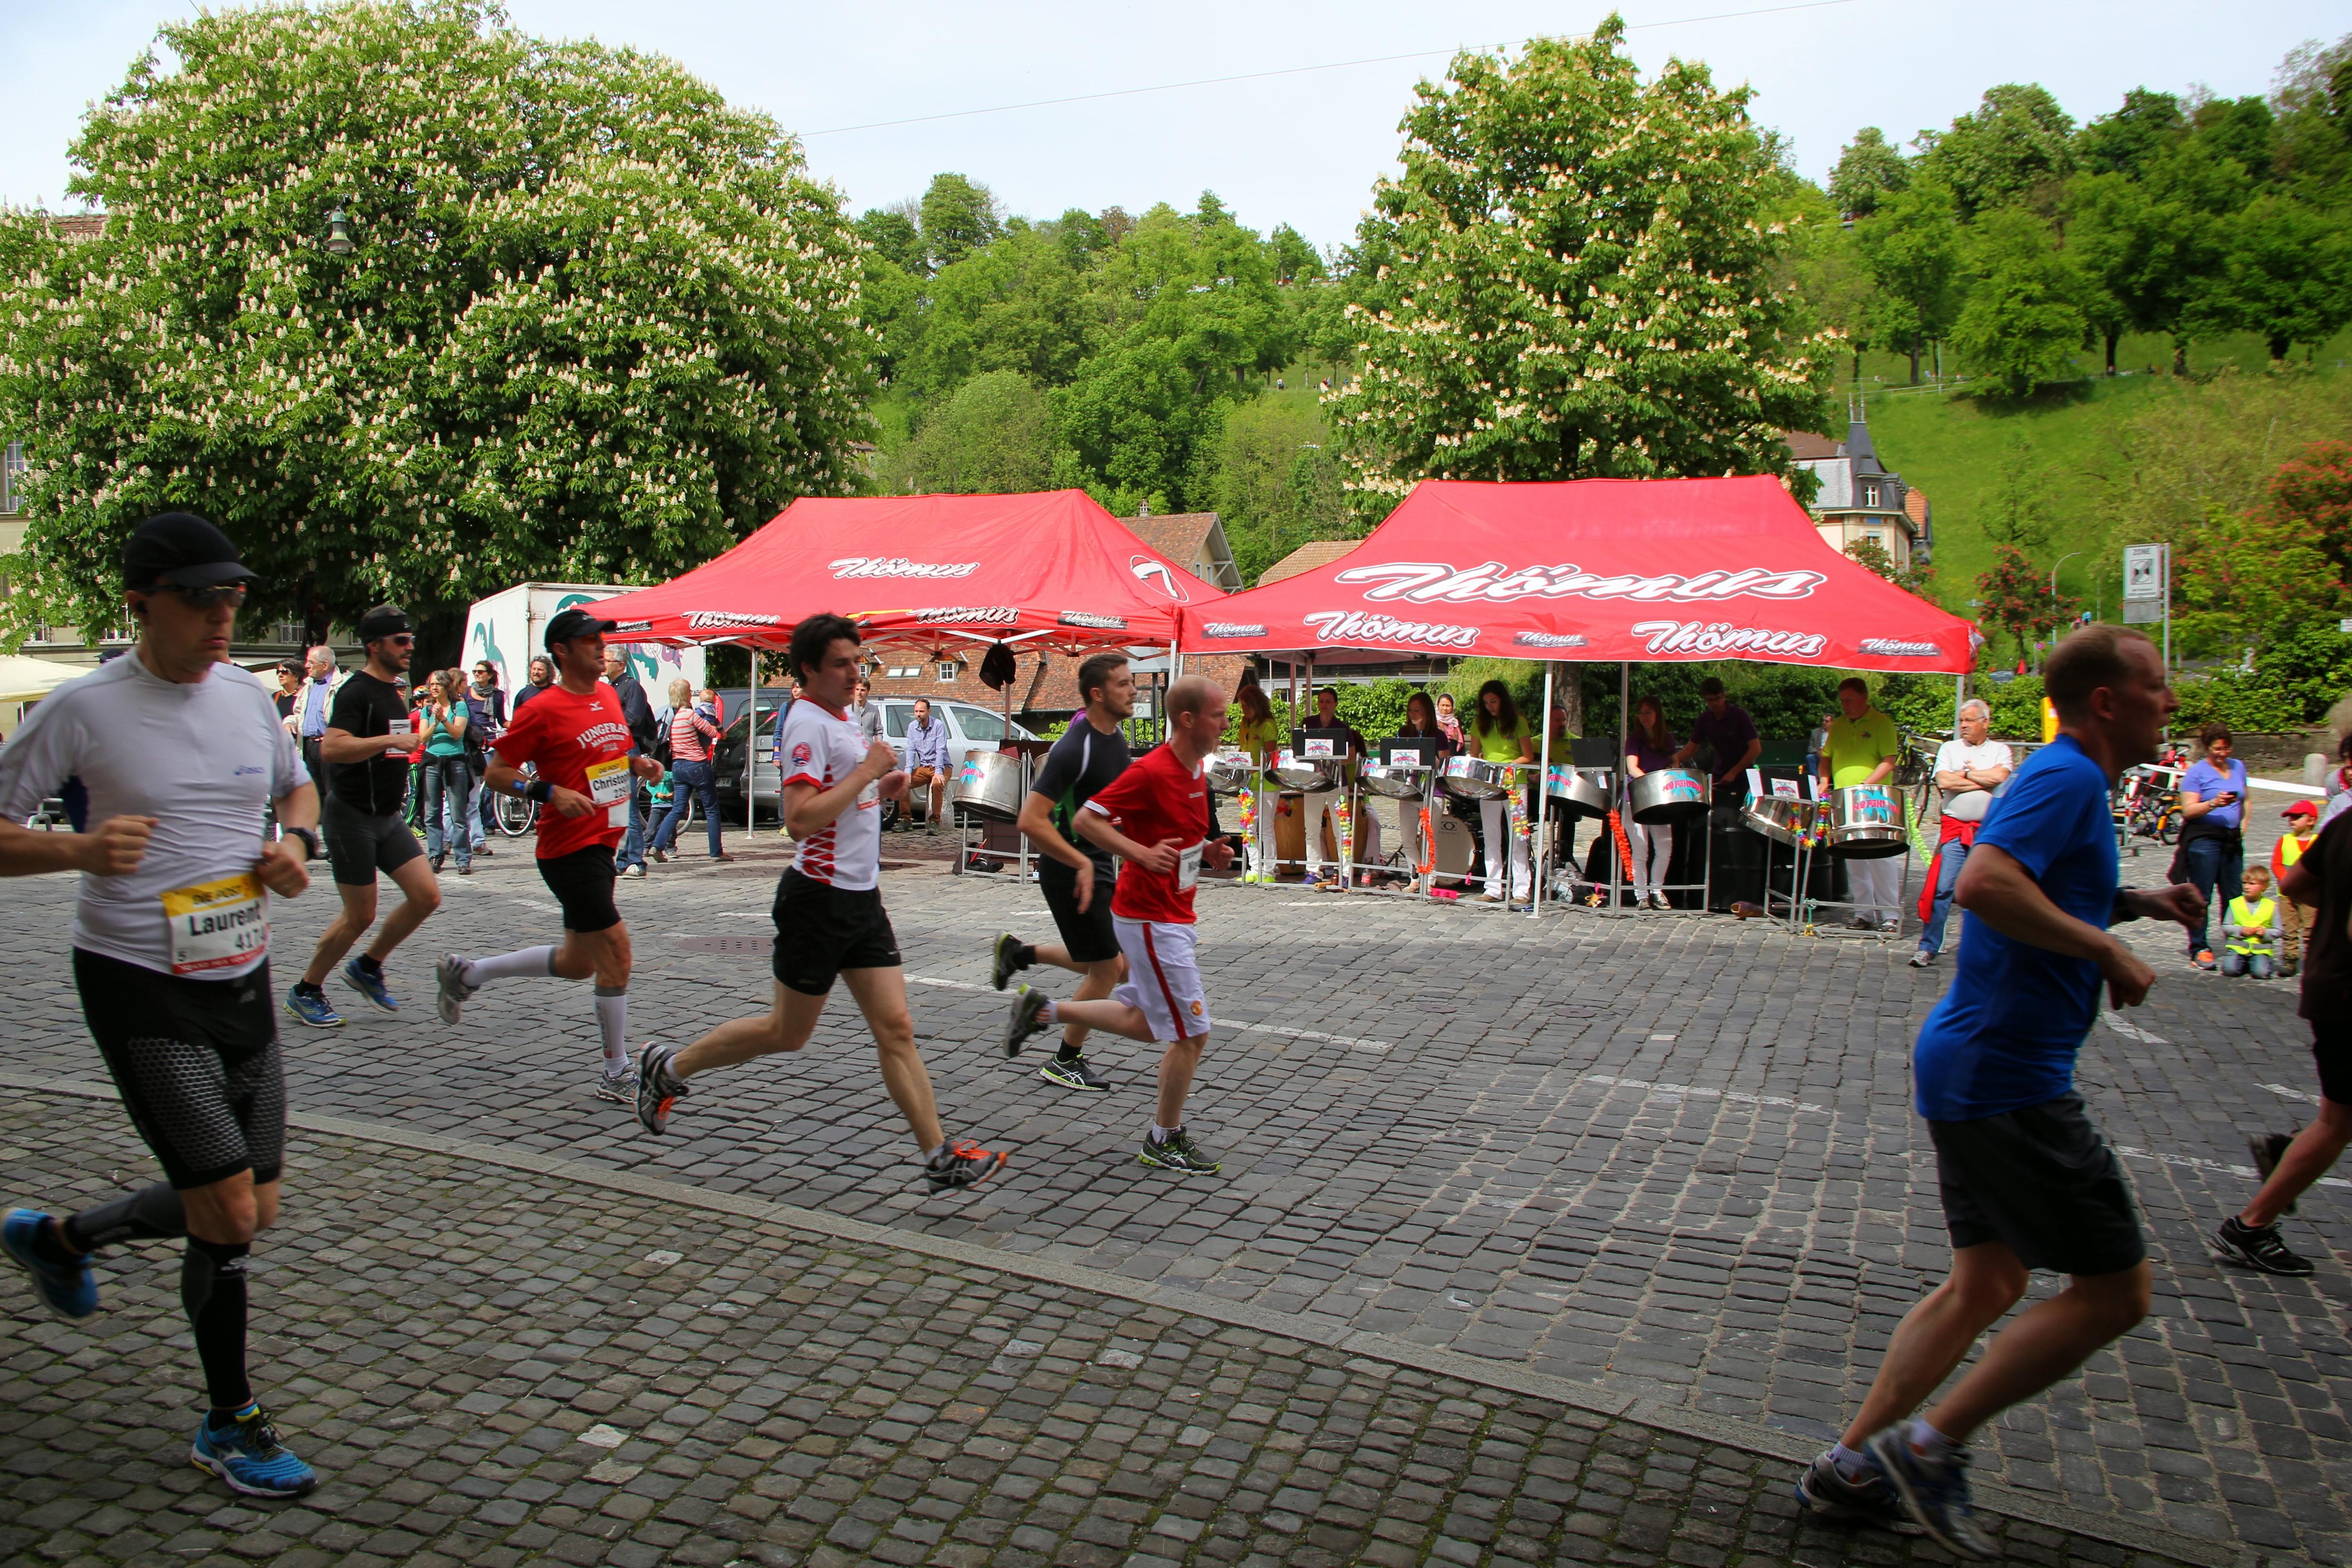 Grand Prix am 10. Mai 2014 in Bern